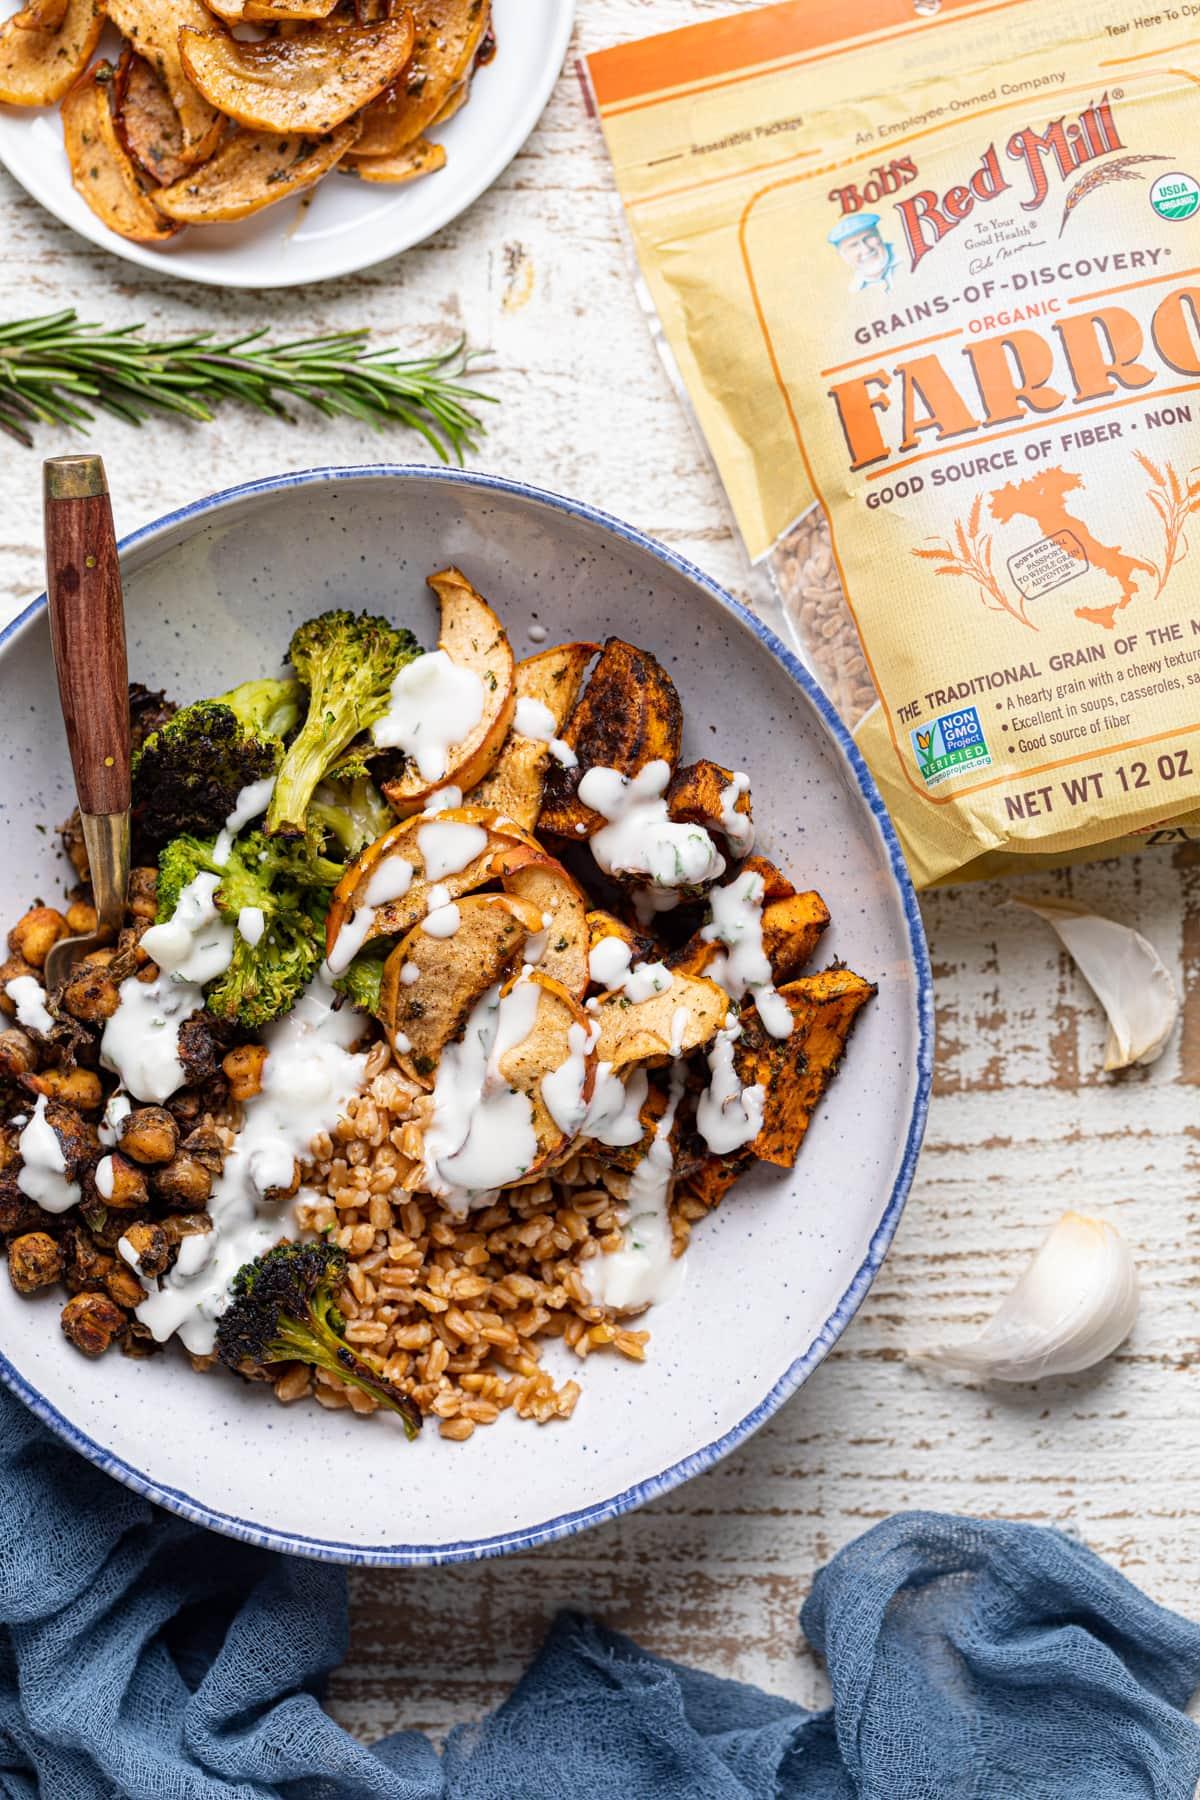 Jerk Vegetable Farro Bowl